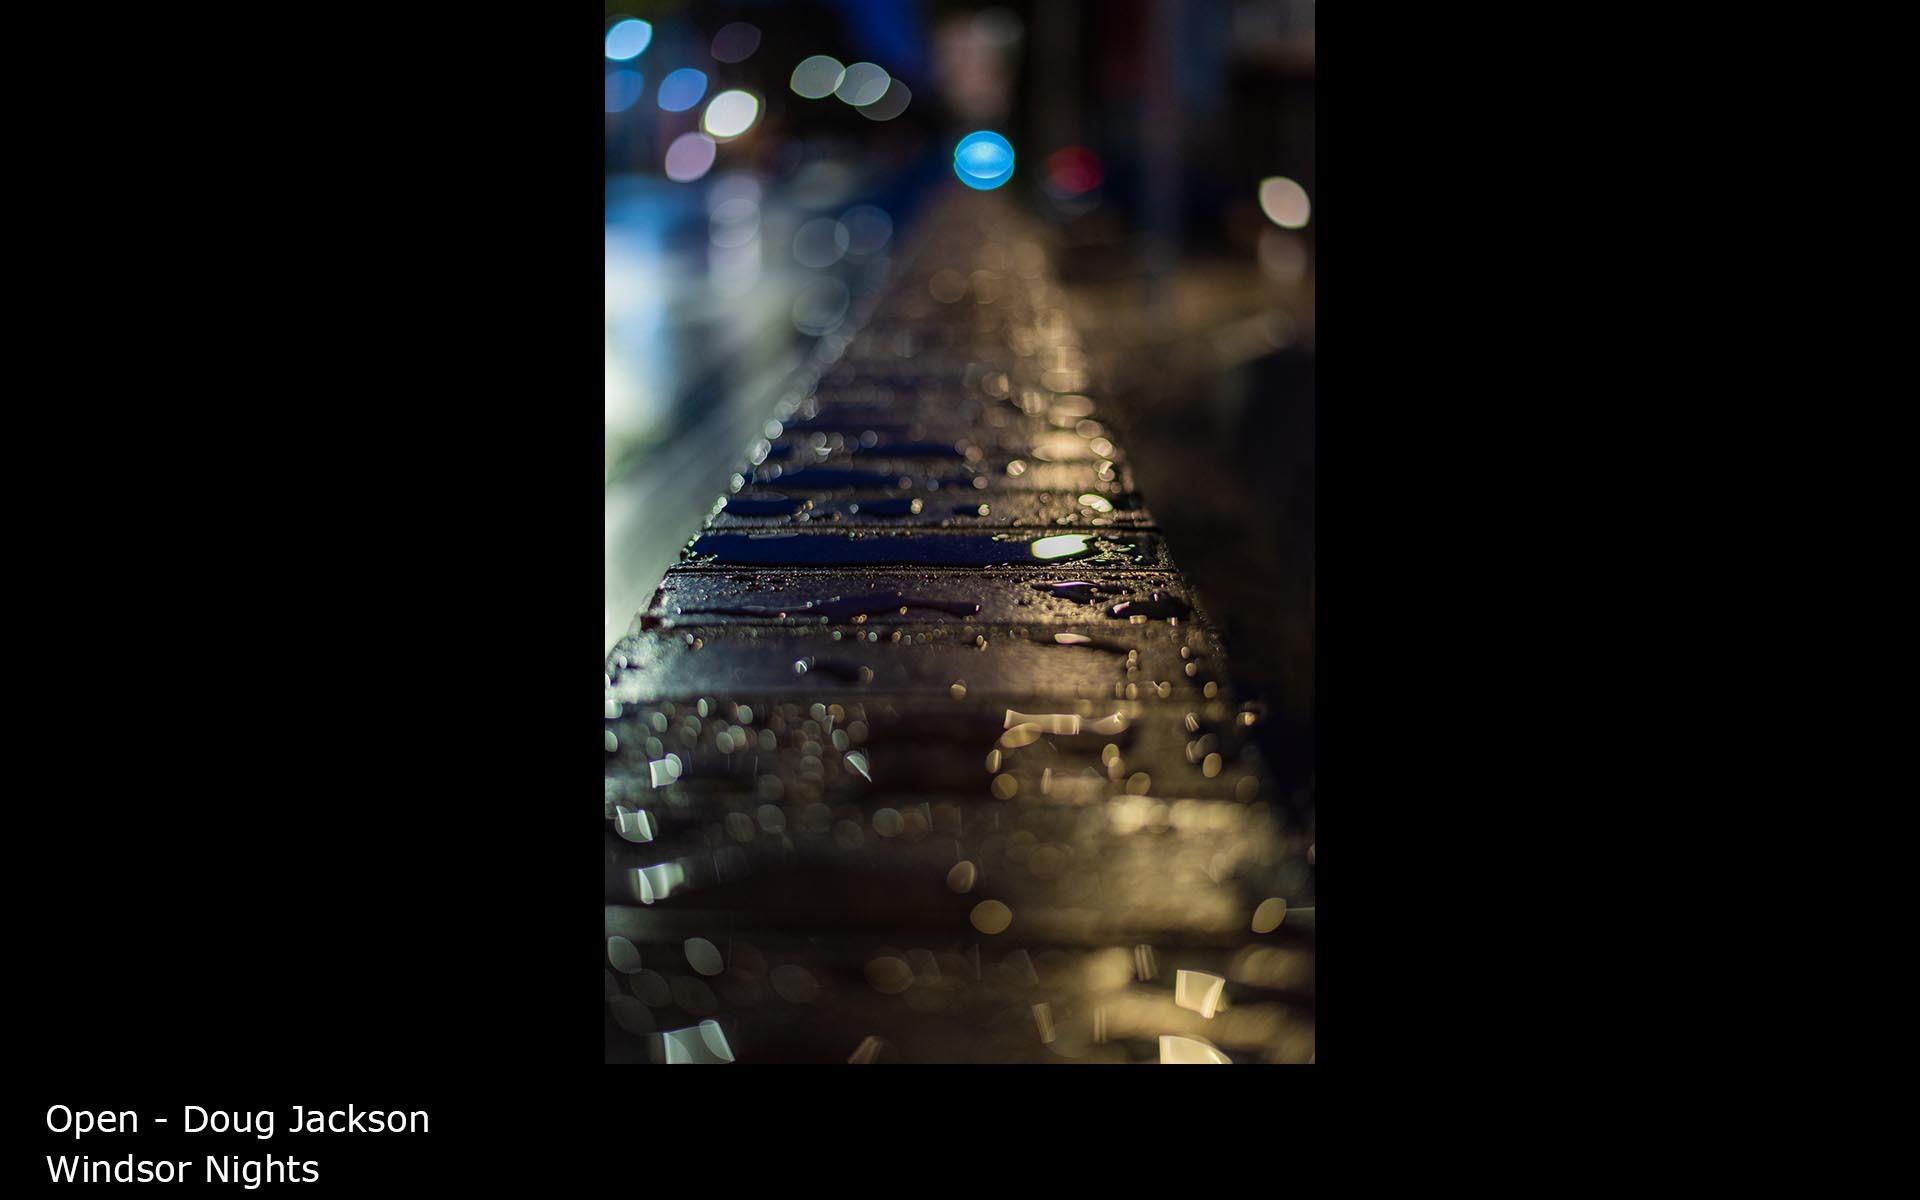 Windsor Nights - Doug Jackson